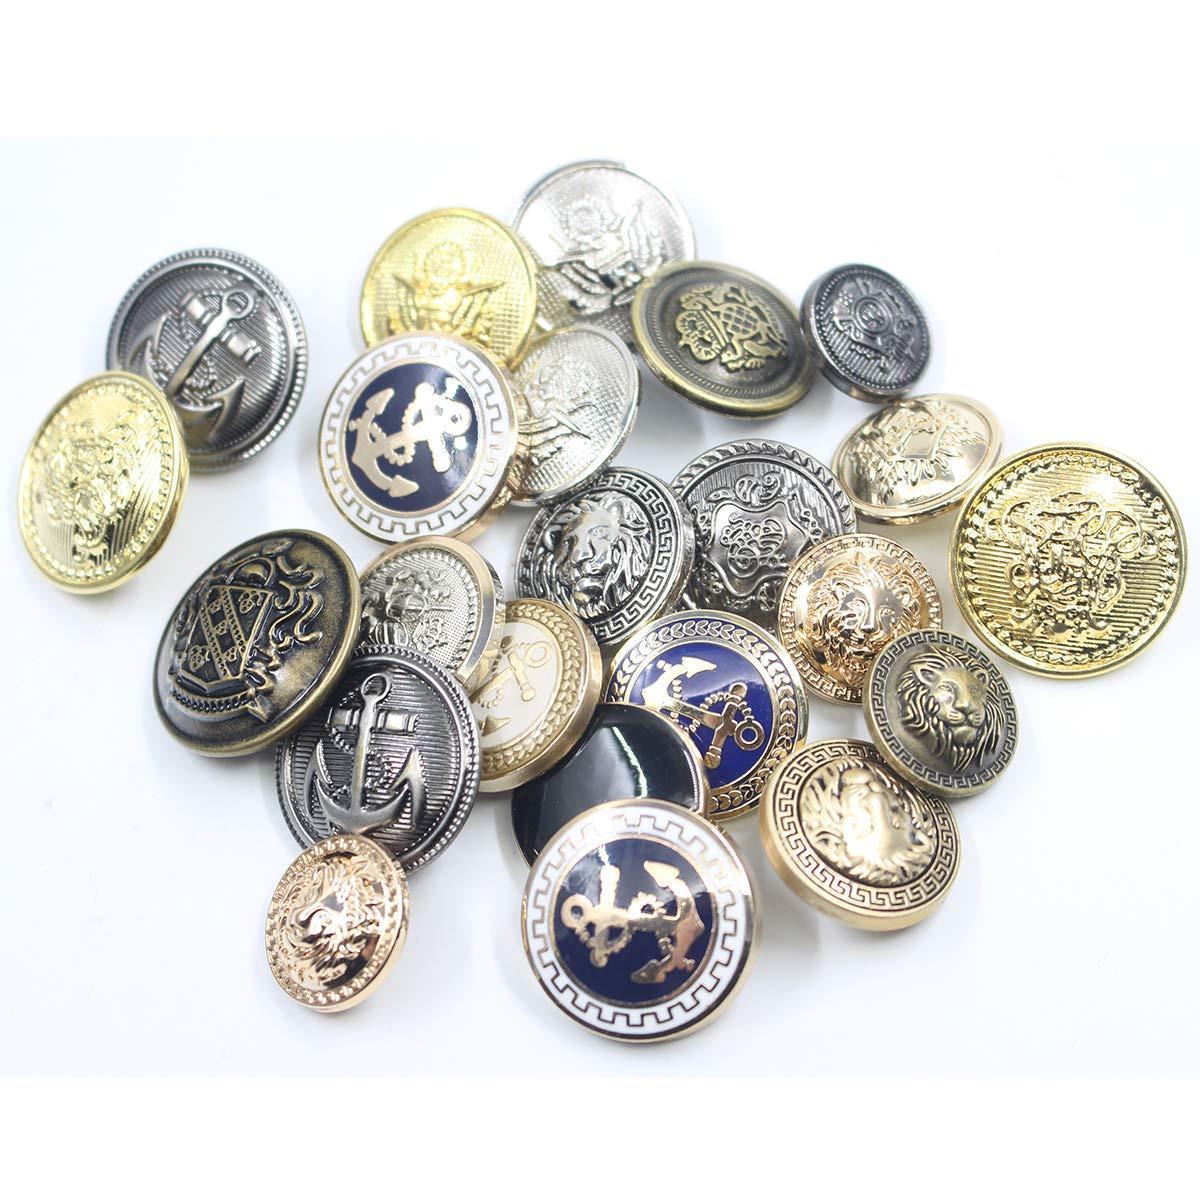 11 Piece Antiqued Bronze Metal Blazer Button Set Uniform Crown Lion- For Blazer Suits Jacket Sport Coat